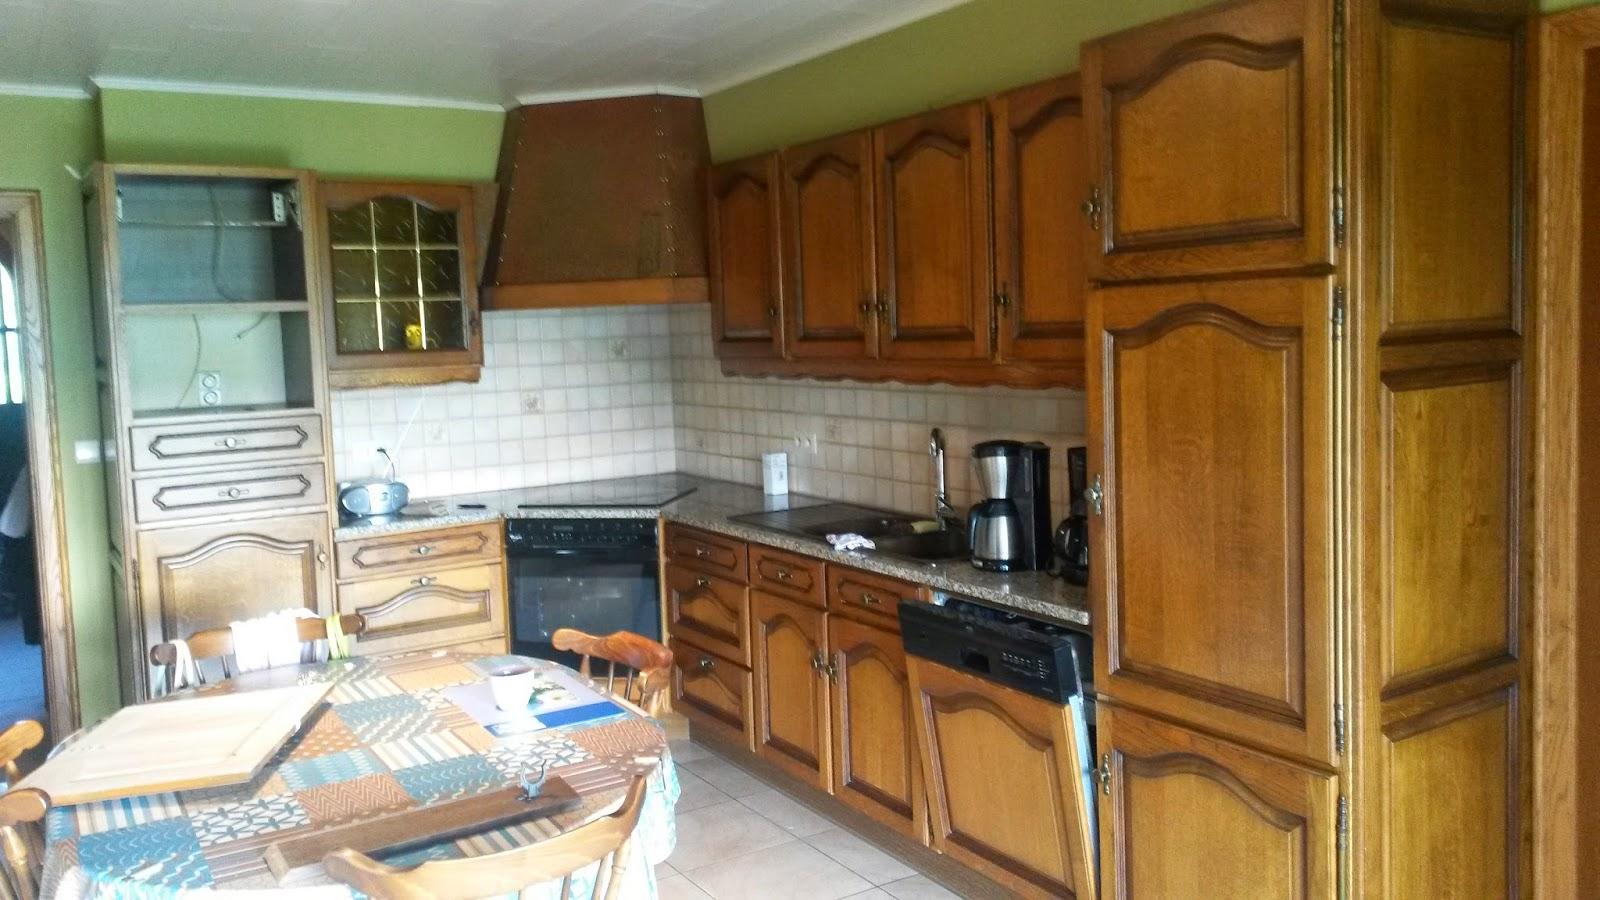 Eiken Keuken Vernissen : Renovatie van eiken keukens Renovatie eiken keuken te Wervik